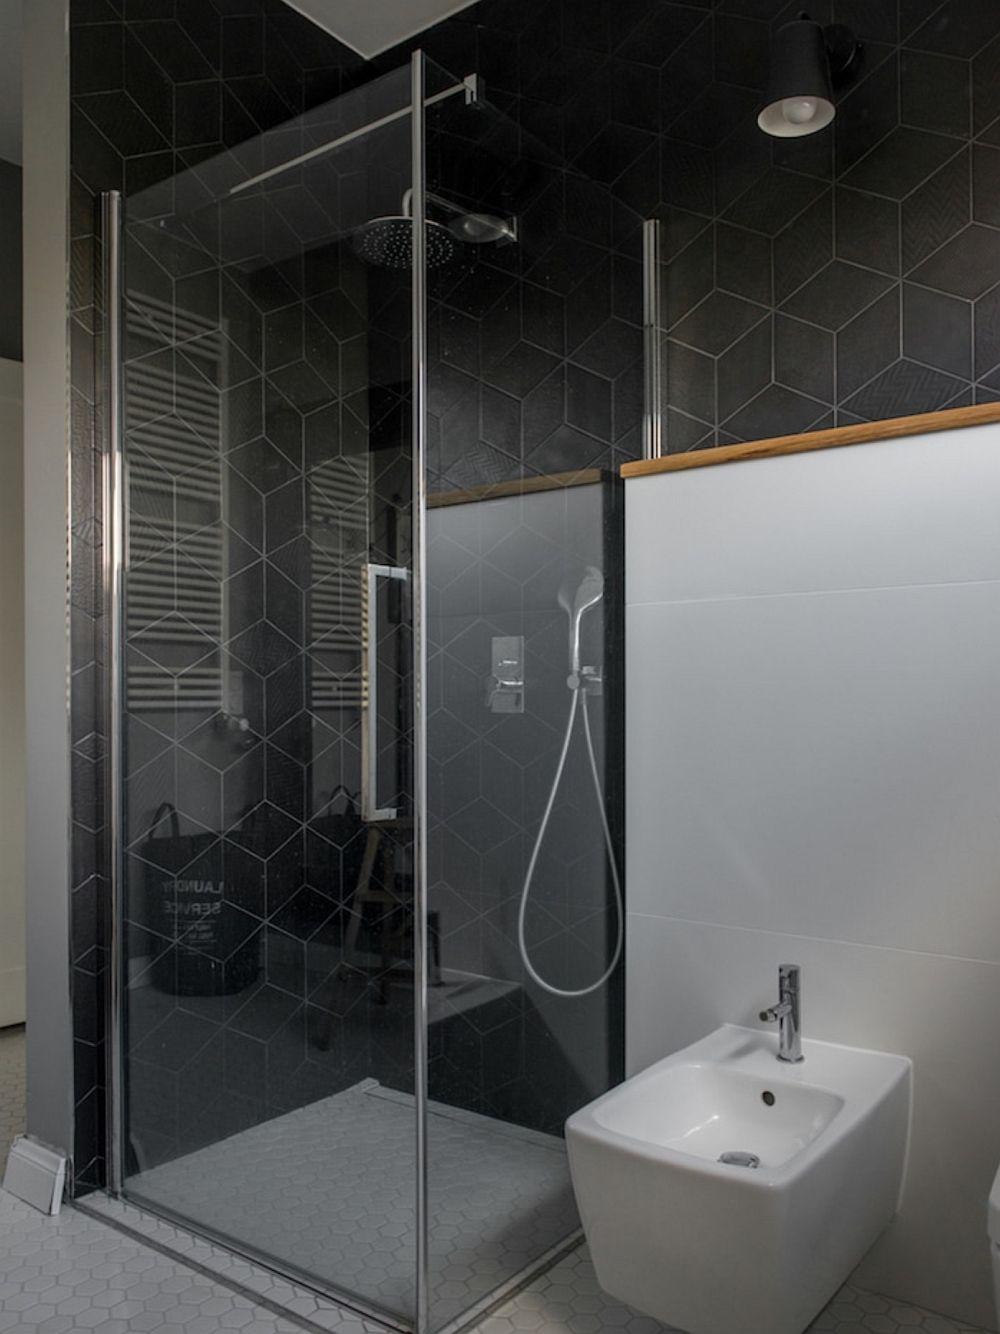 În baia matrimonială nu s-a dorit cadă, dar tinerii au ținut mult să aibă loc de bideu pe lângă vasul de toaletă, așa că au folosit spațiul disponibil pentru instalarea unei cabine de duș cu rigolă îngropată.